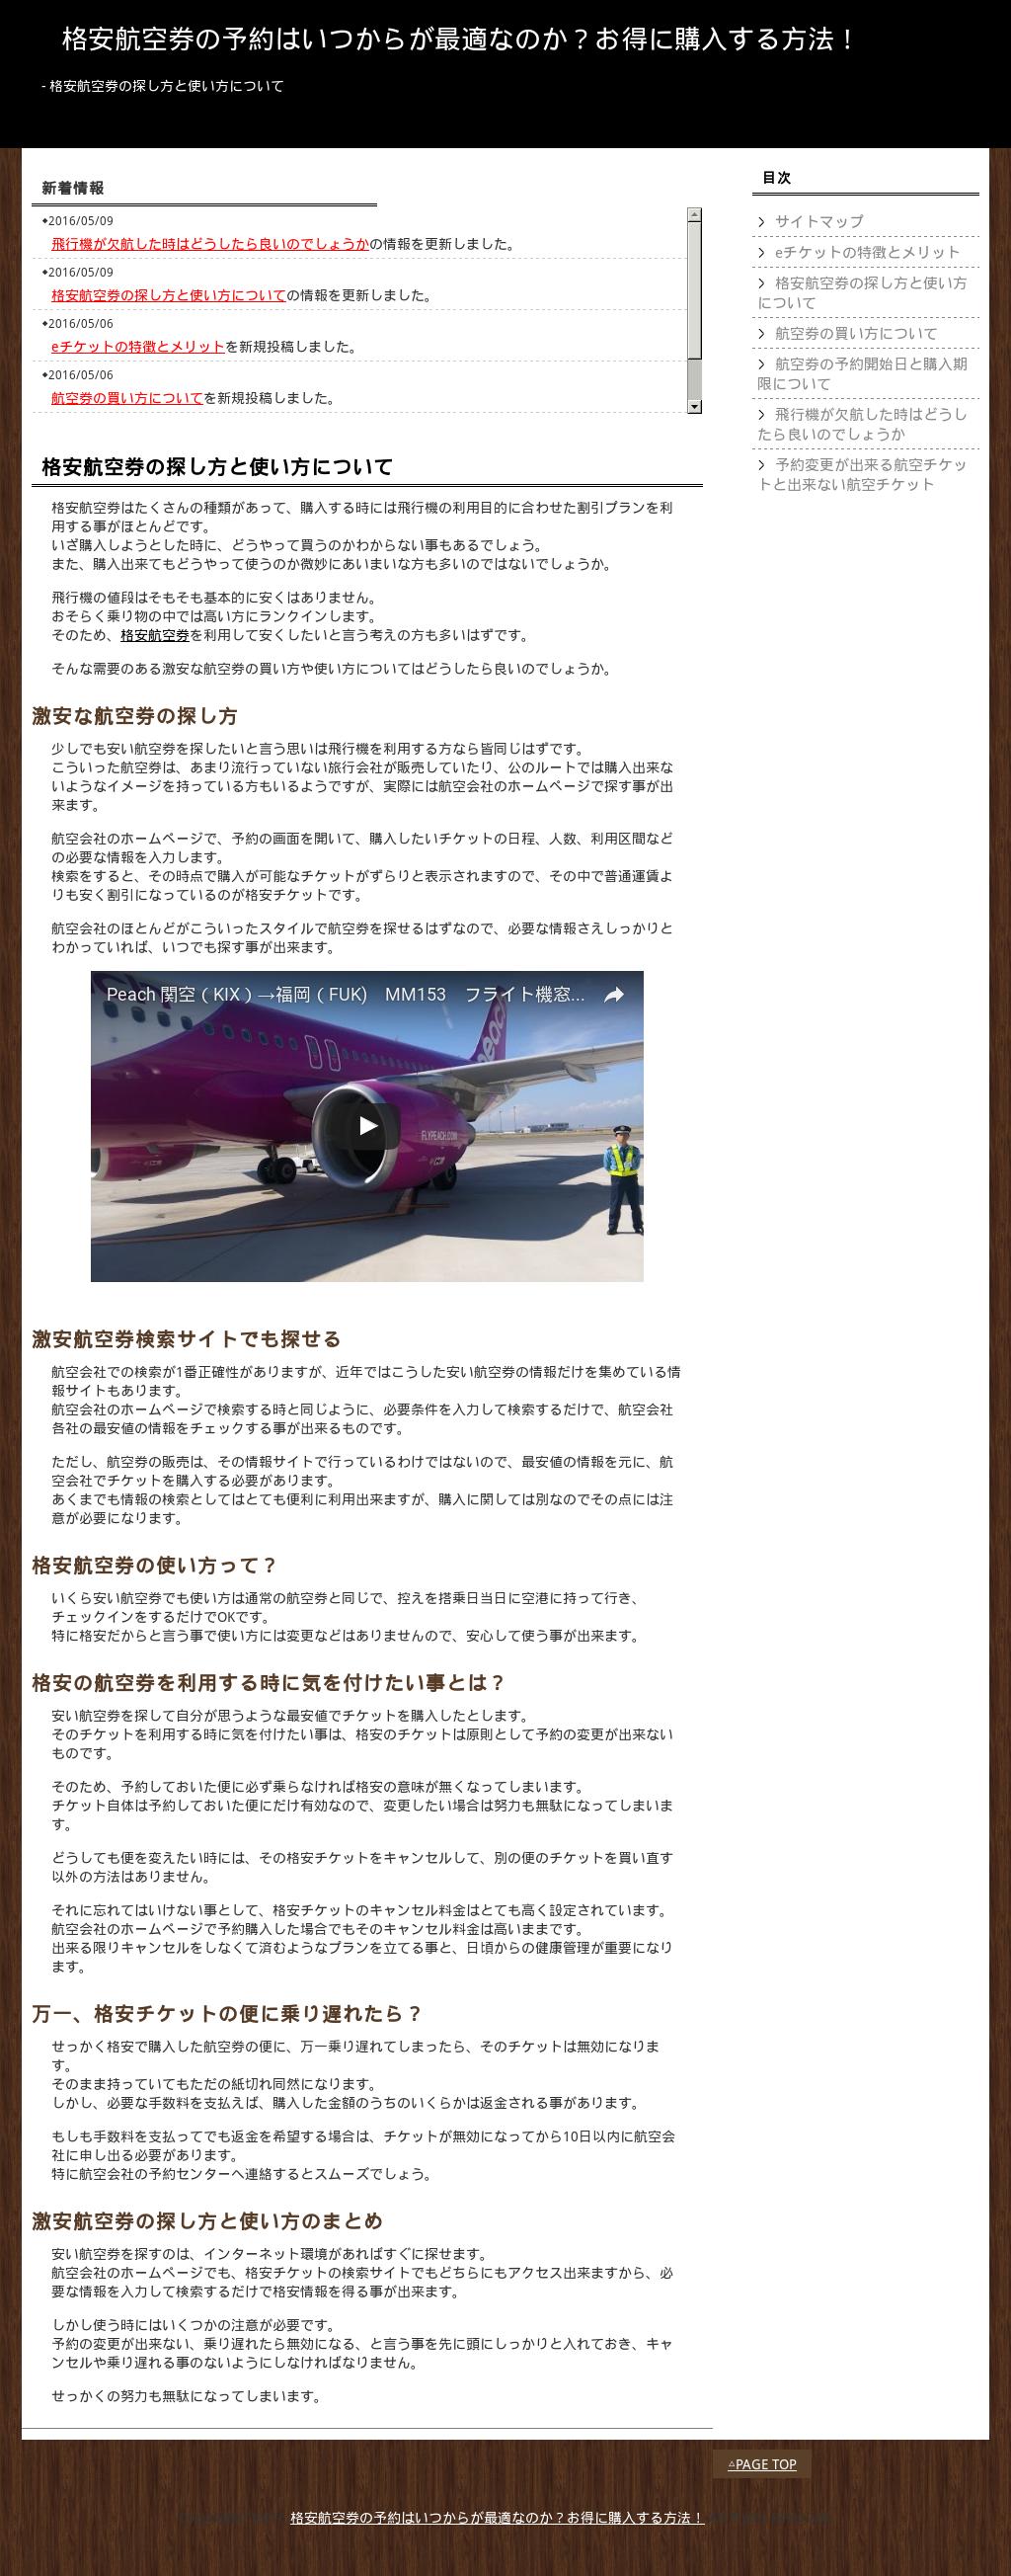 飛行機 欠航 情報